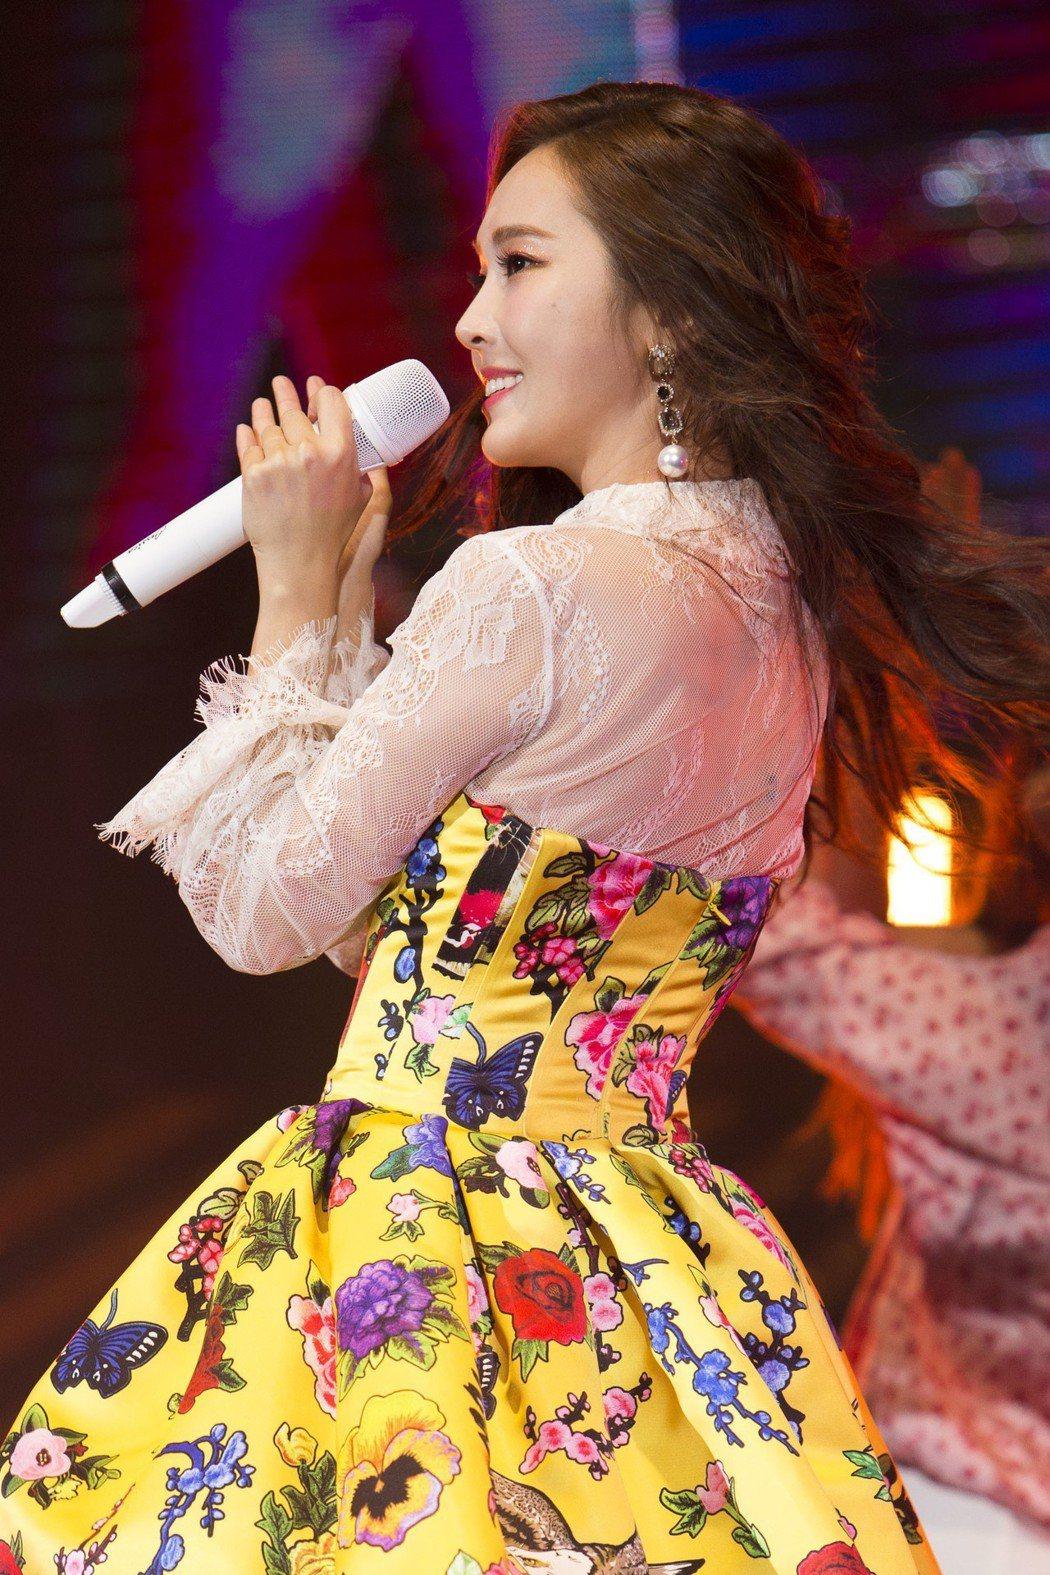 潔西卡穿著一身花俏洋裝開唱。圖/日出娛樂提供